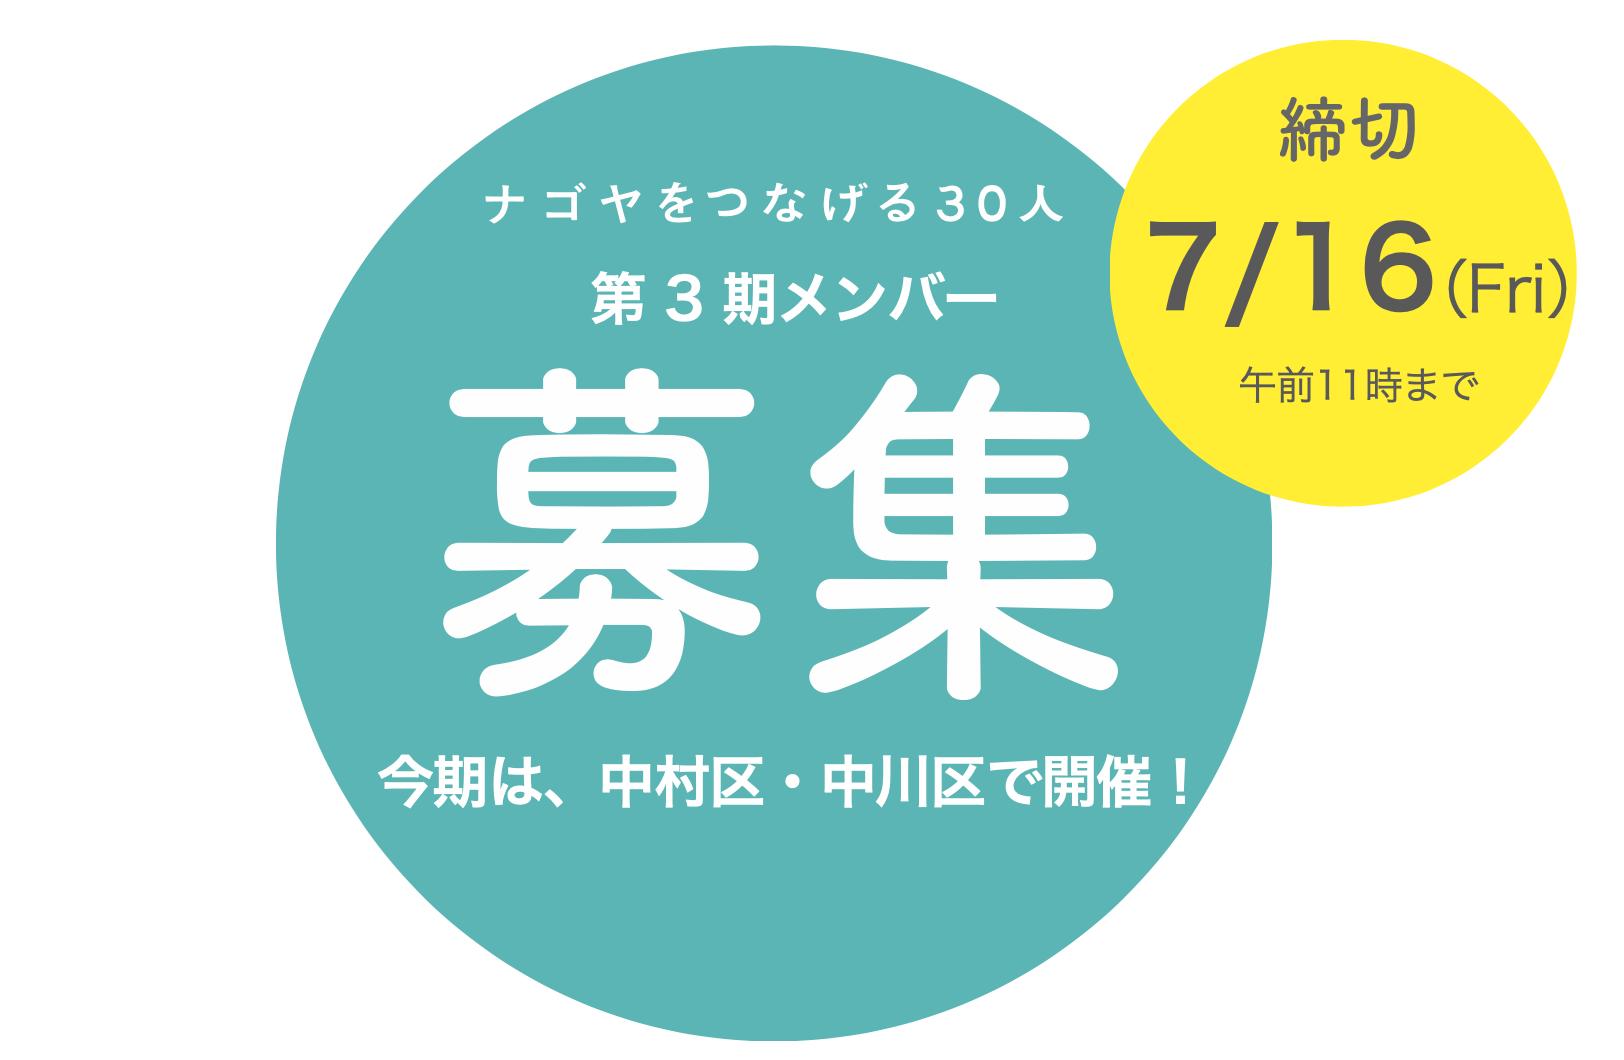 ナゴヤをつなげる30人 第3期(今期は、中村区・中川区で開催!)